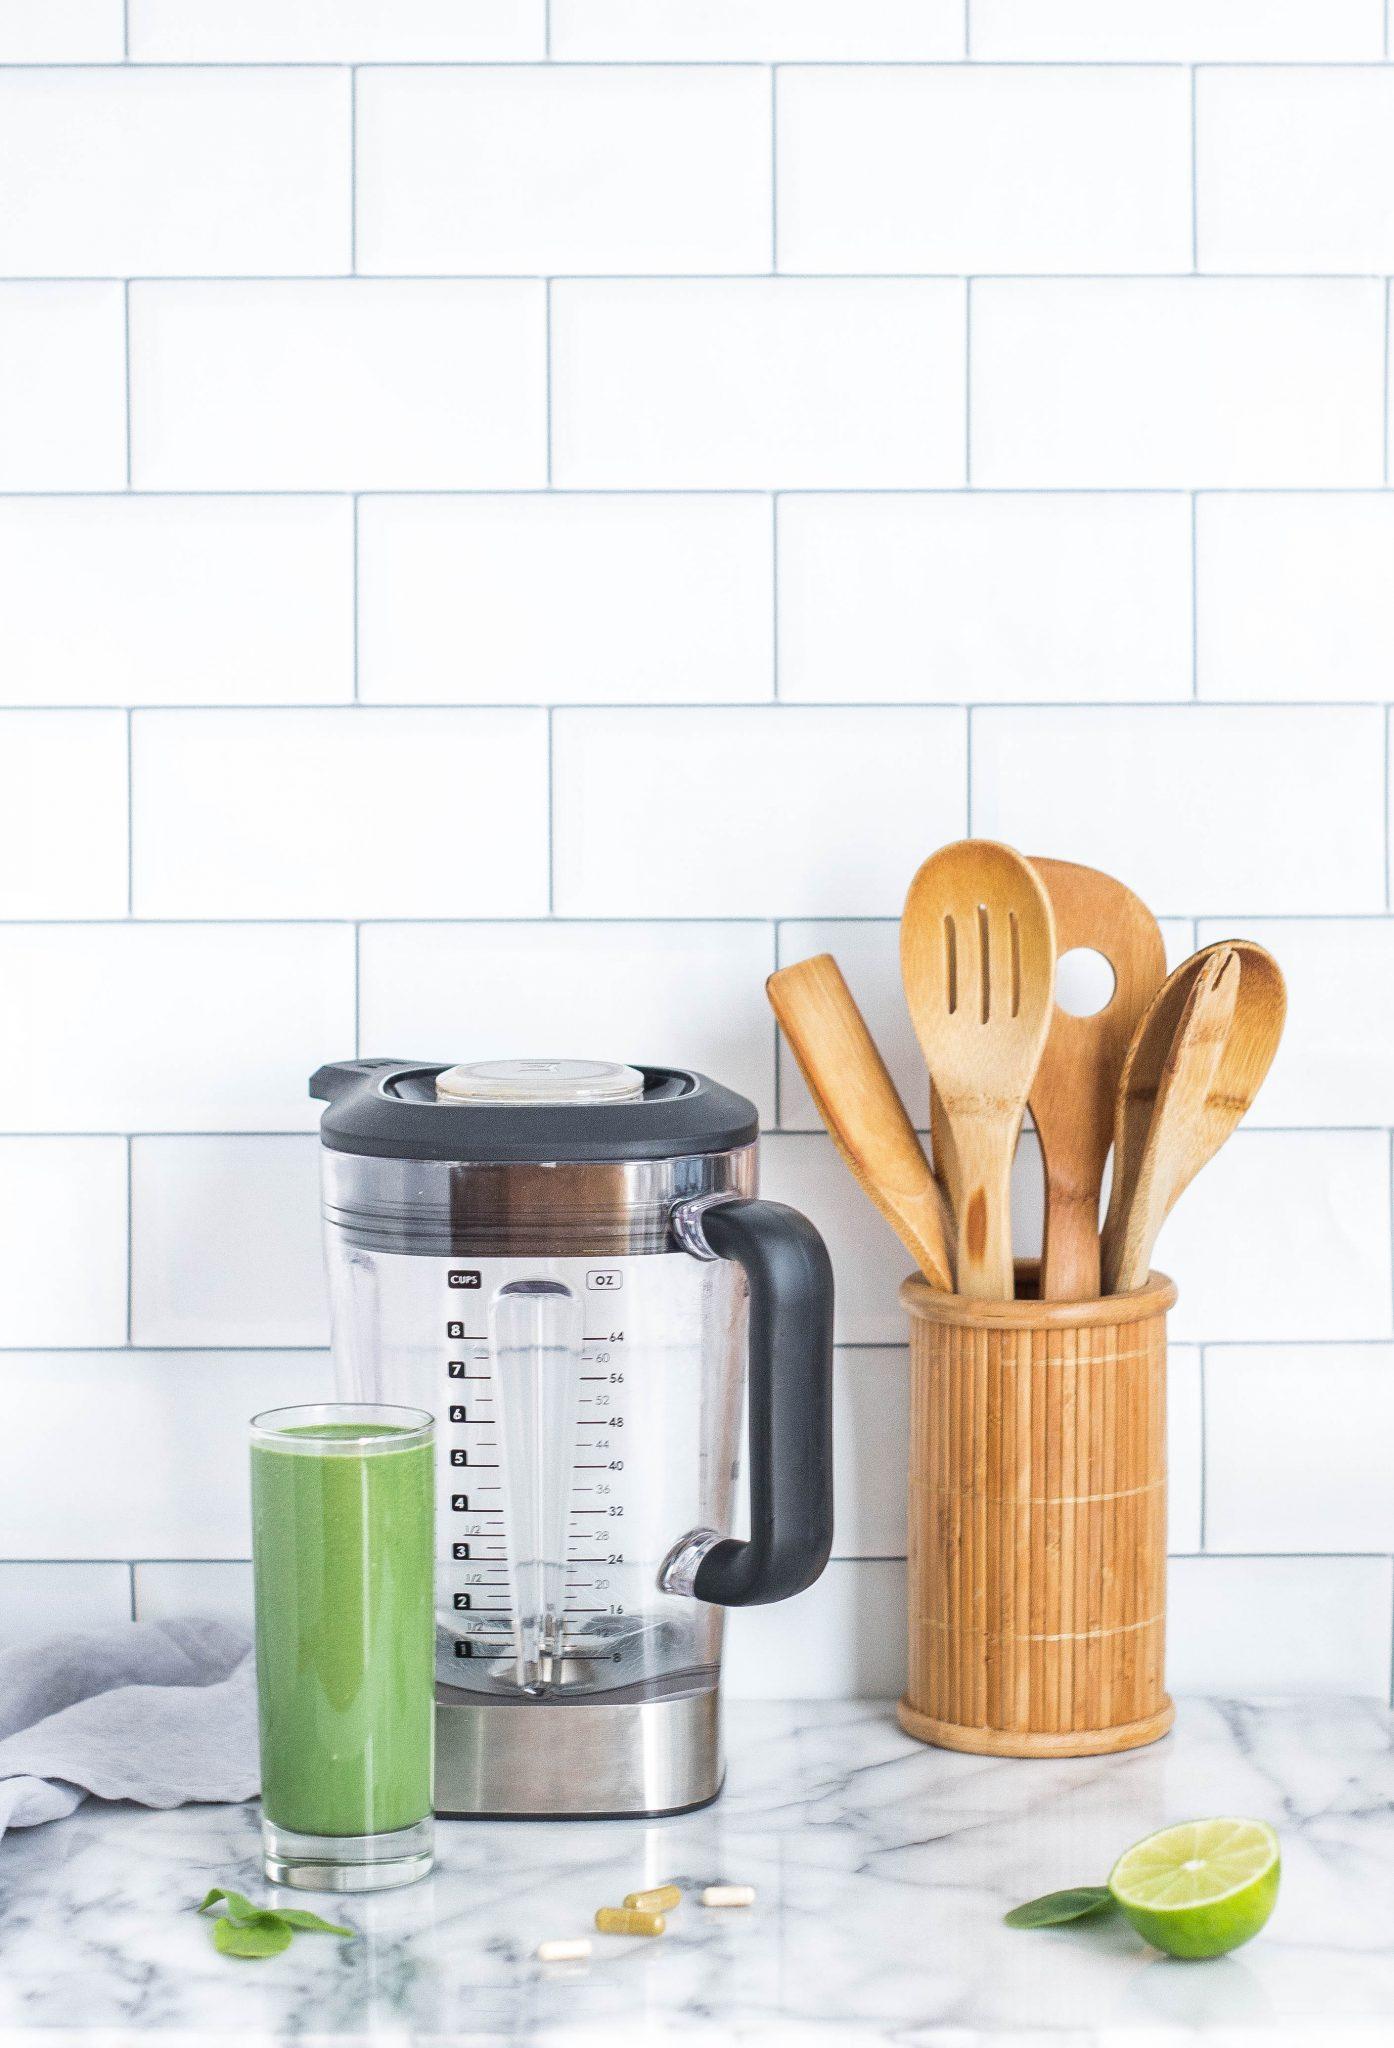 Jak impregnować, konserwować i dbać o drewniane akcesoria kuchenne? 2